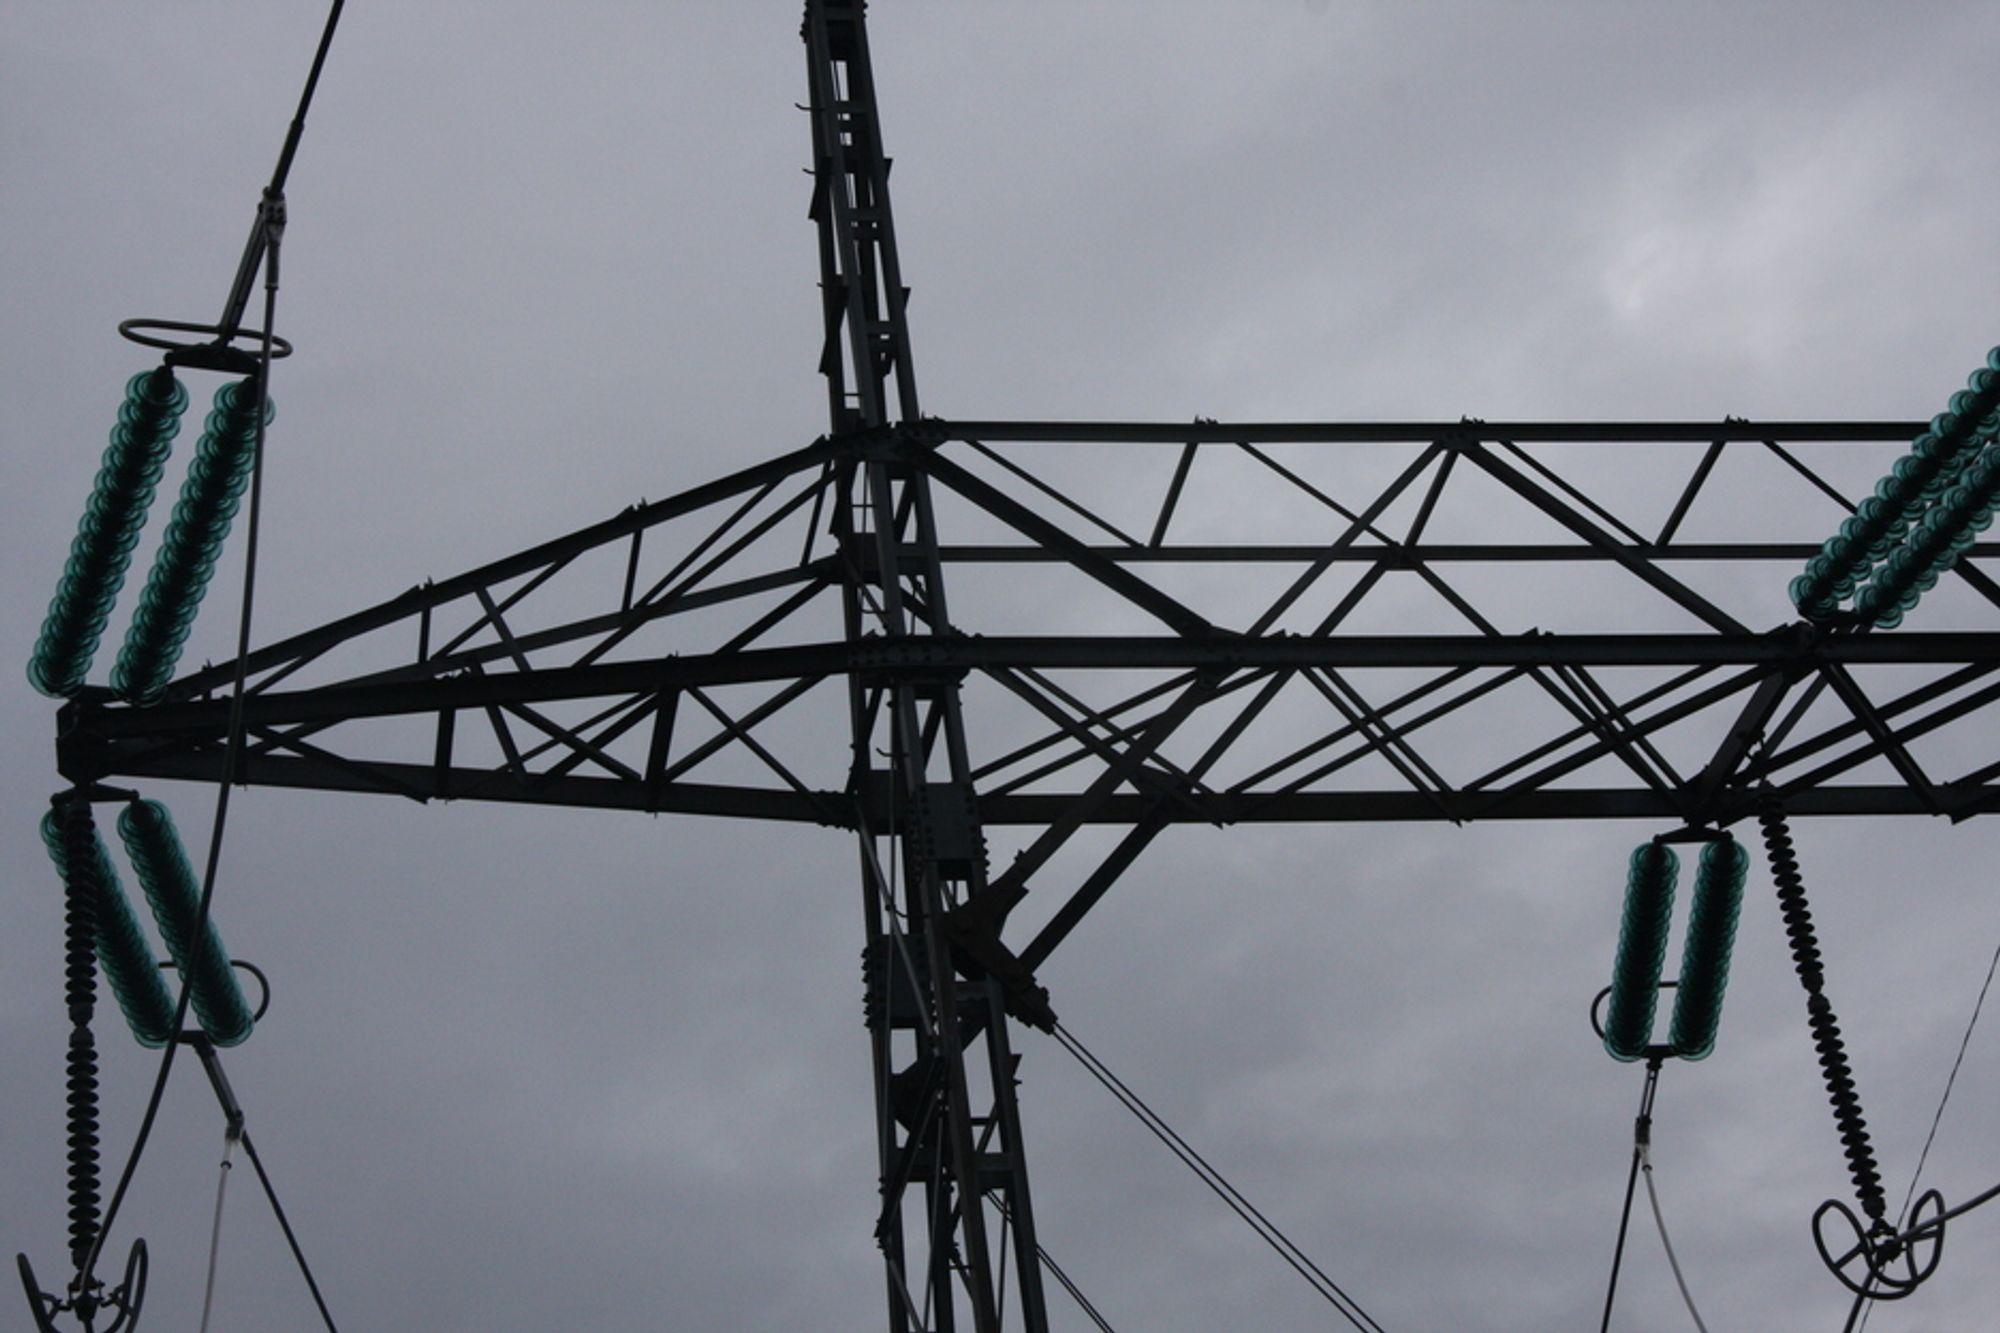 BEHOV: Det vil bli behov for flere 420 kV-linjer fra Midt-Norge til sør, hvis EUs fornybarmål skal oppfylles, slår rapporten fast.